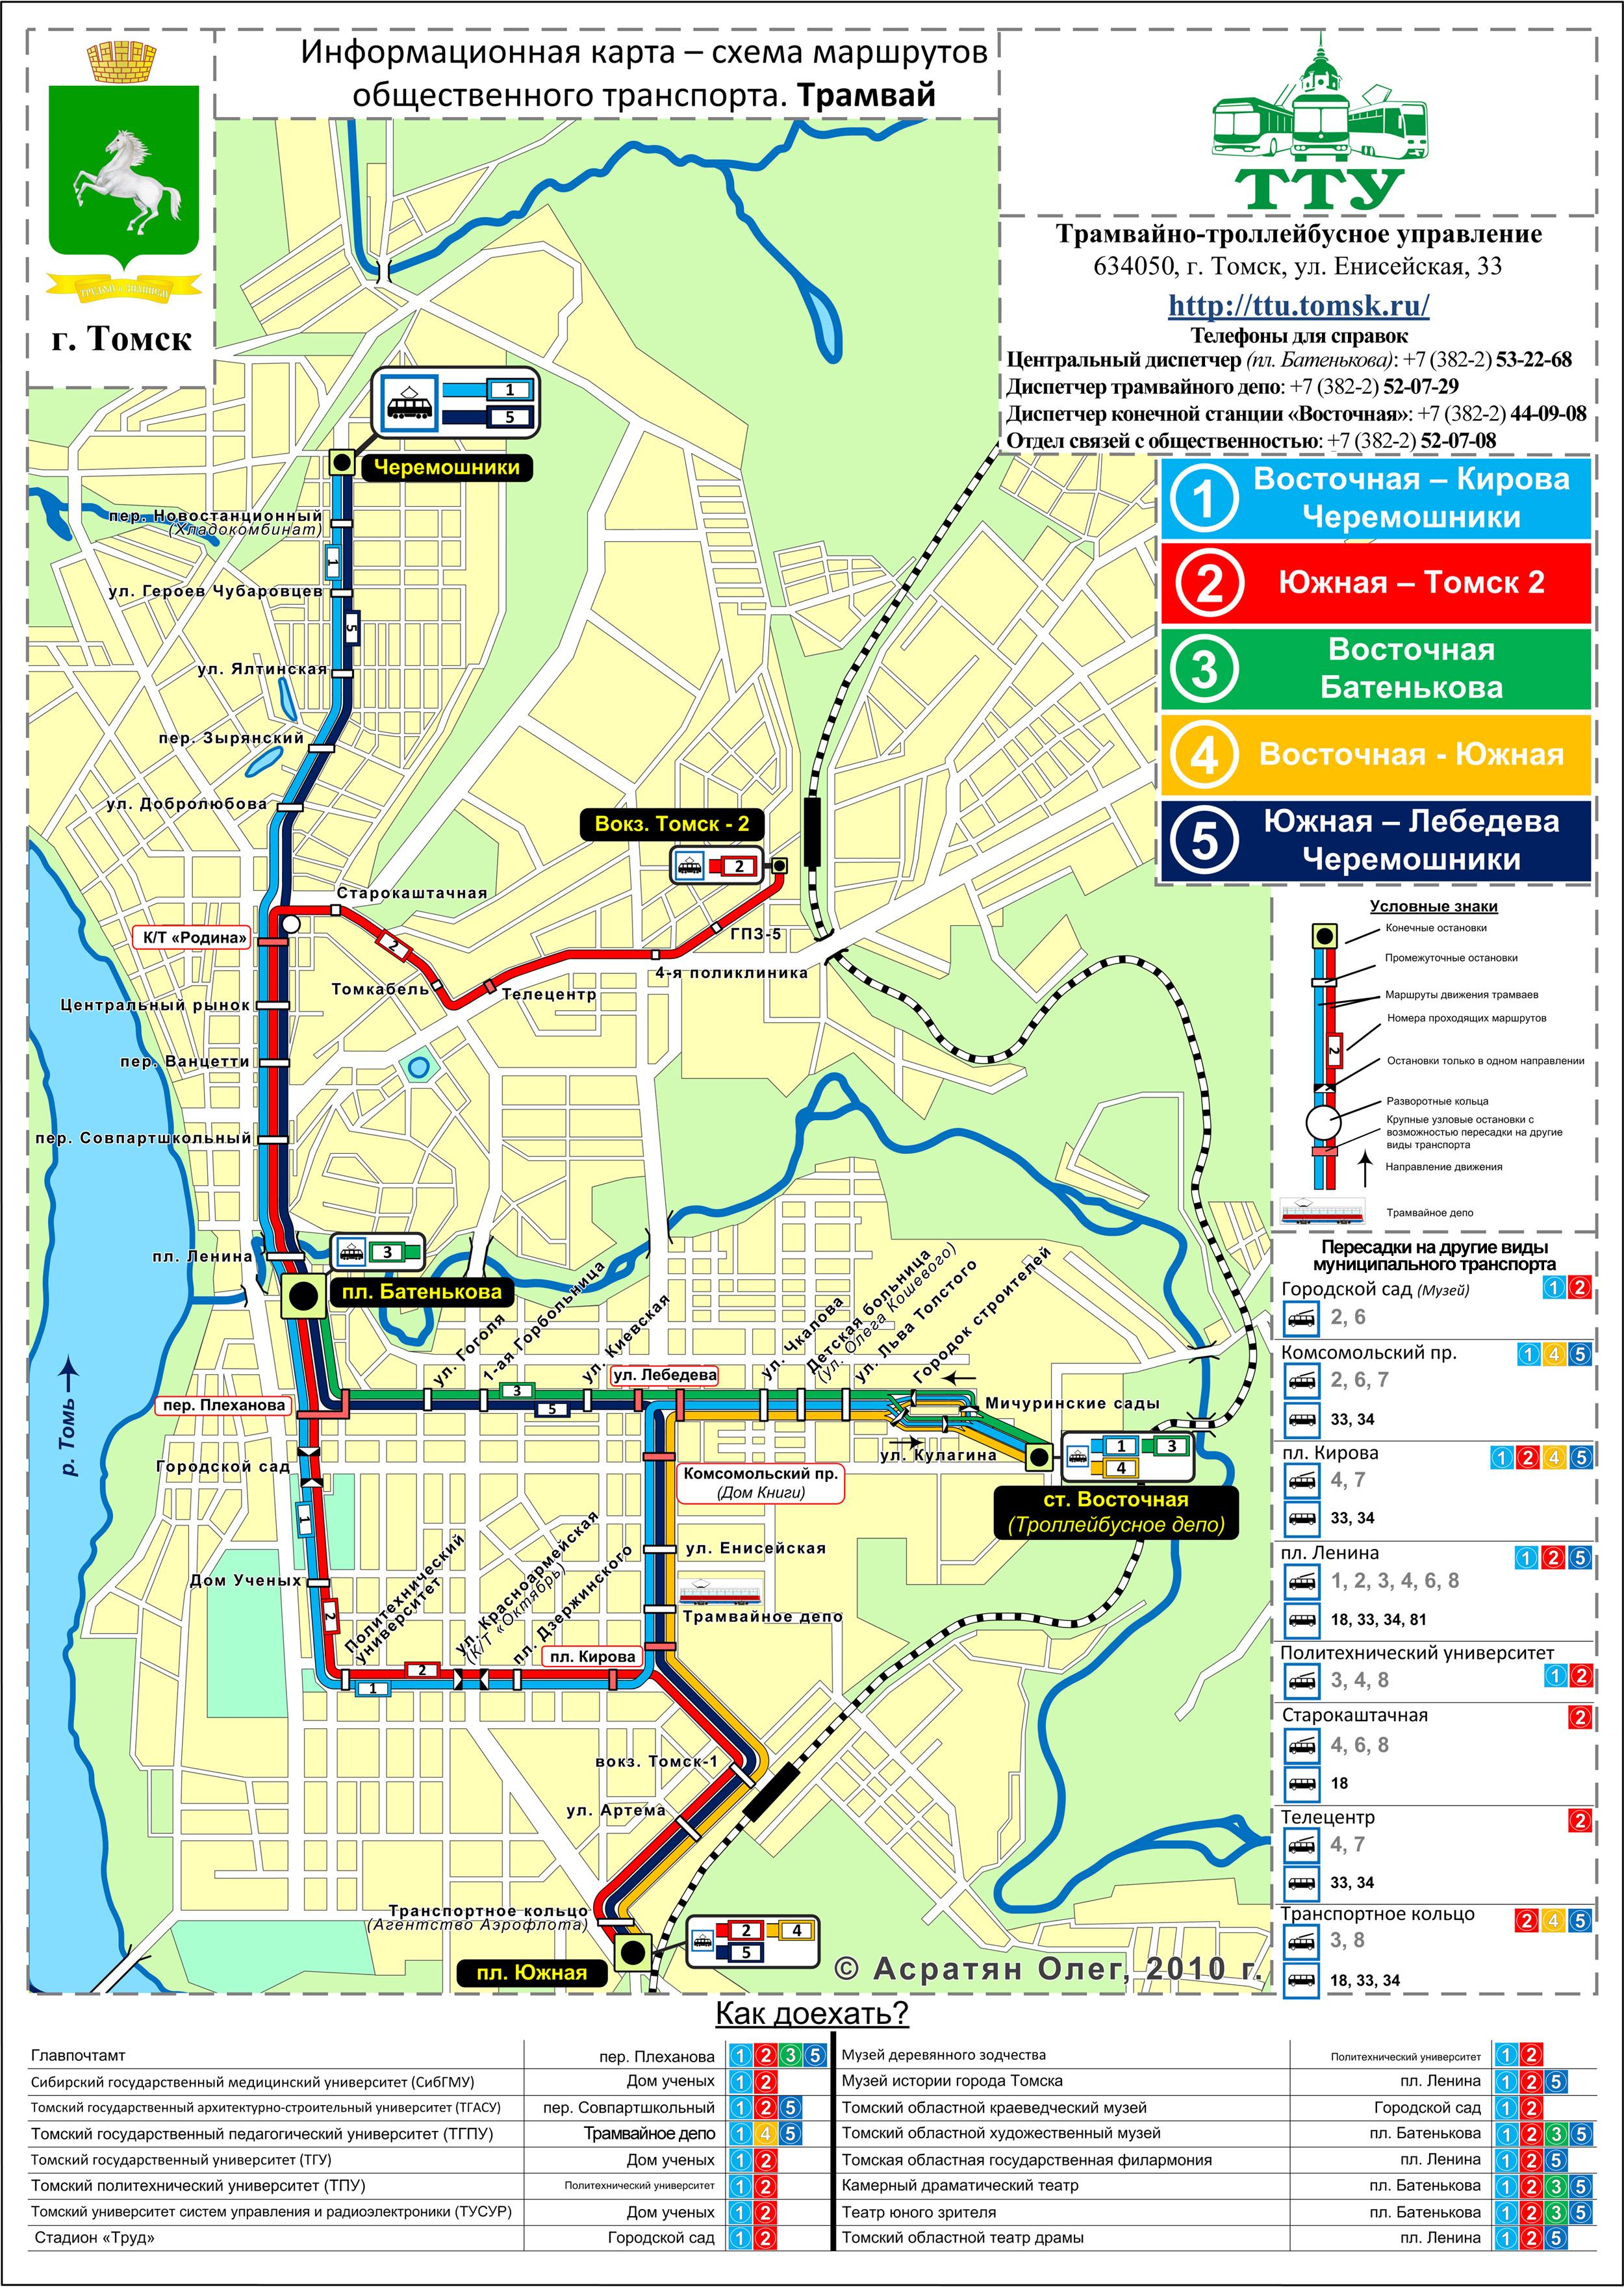 Карта схема маршрутов